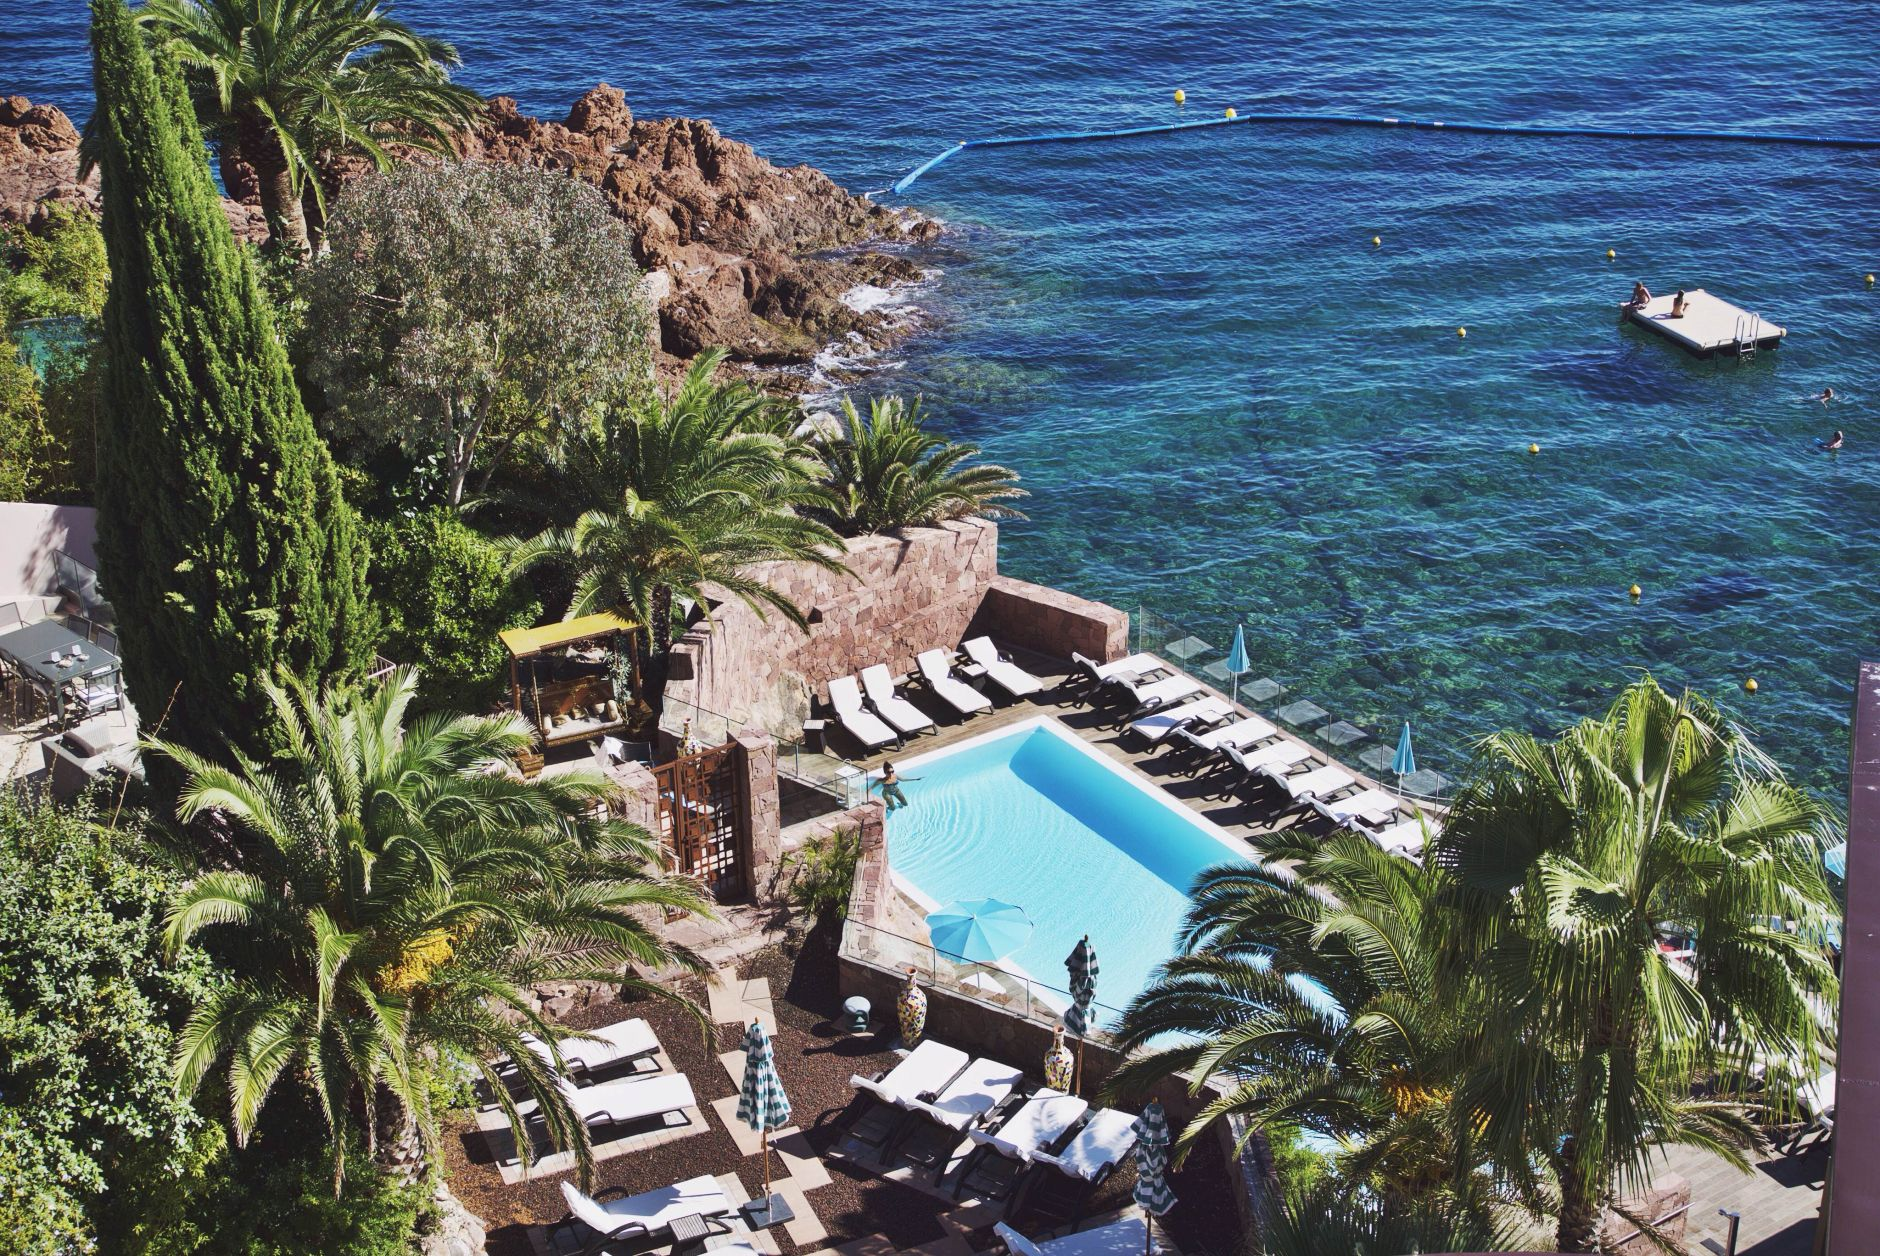 15-Tiara-Miramar-Beach-Hotel-Spa-Cote-dAzur-Disi-Couture-Edisa-Shahini-Cannes-France